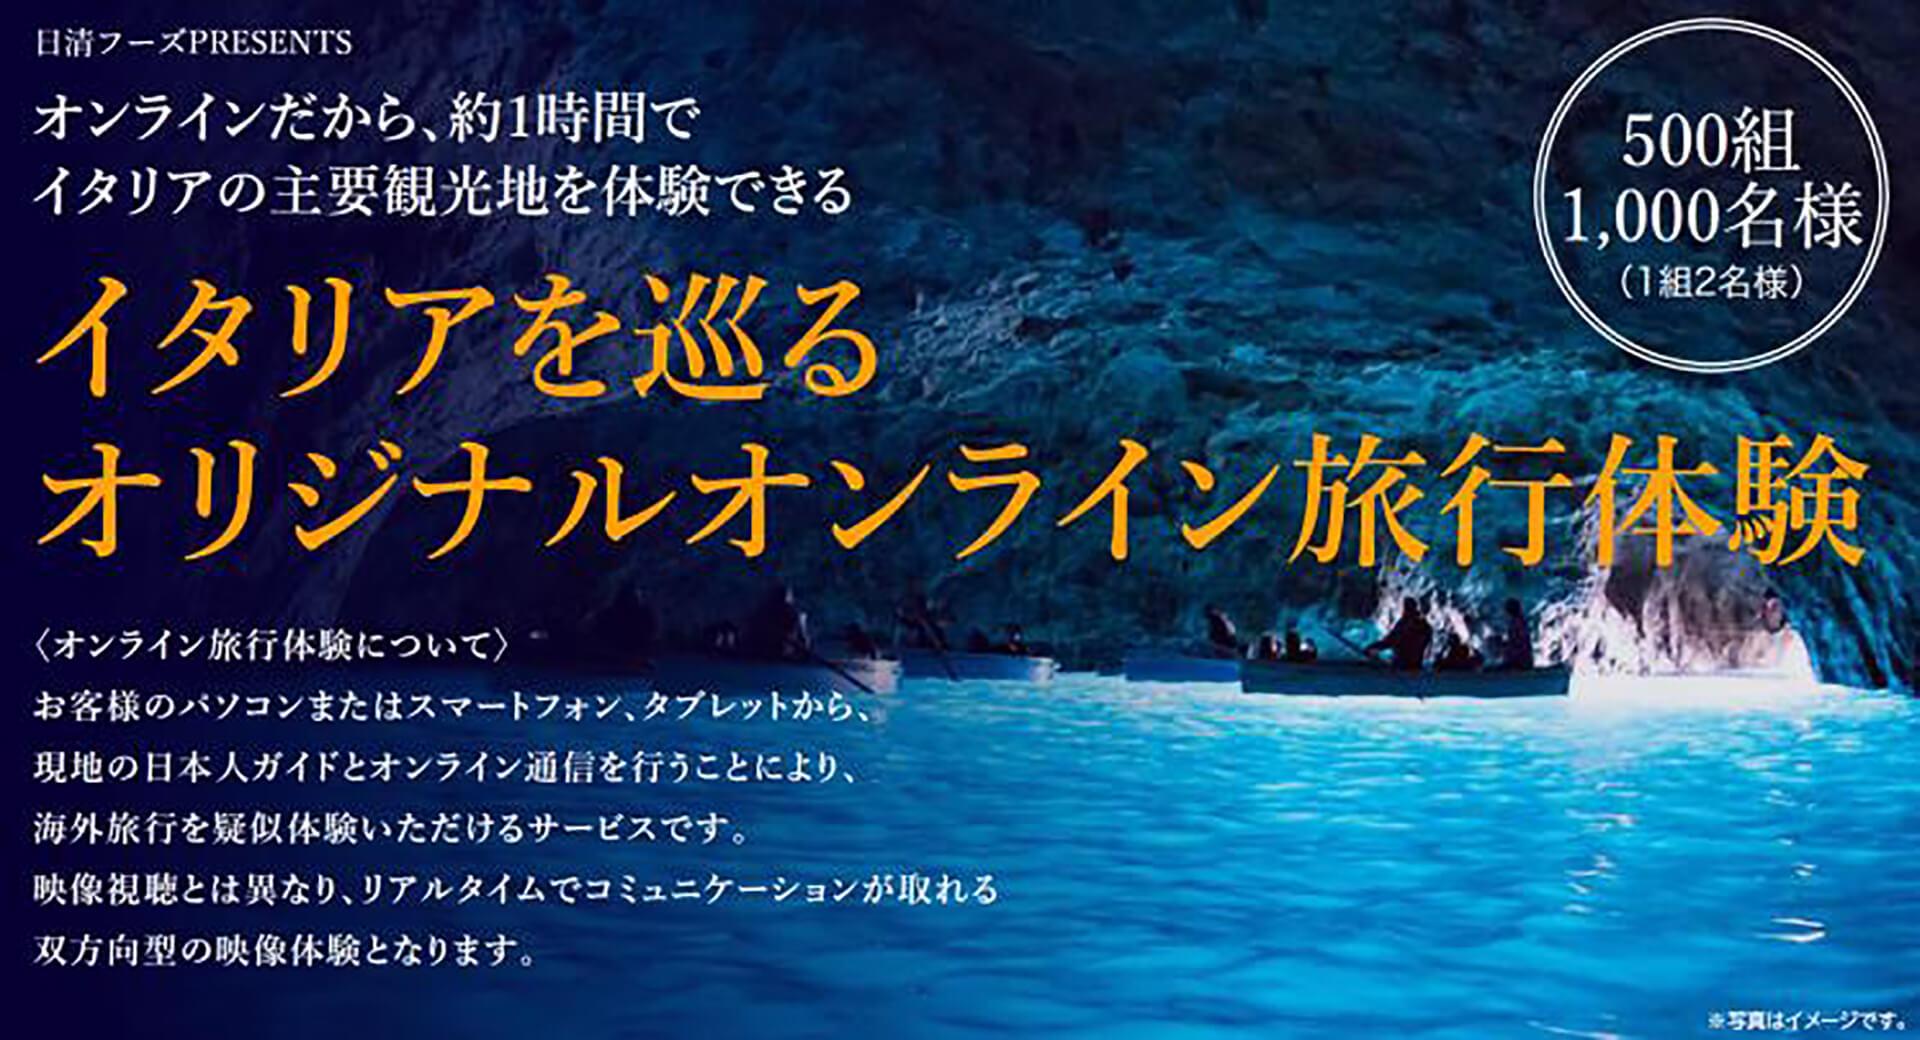 「青の洞窟」 25th Anniversaryキャンペーン